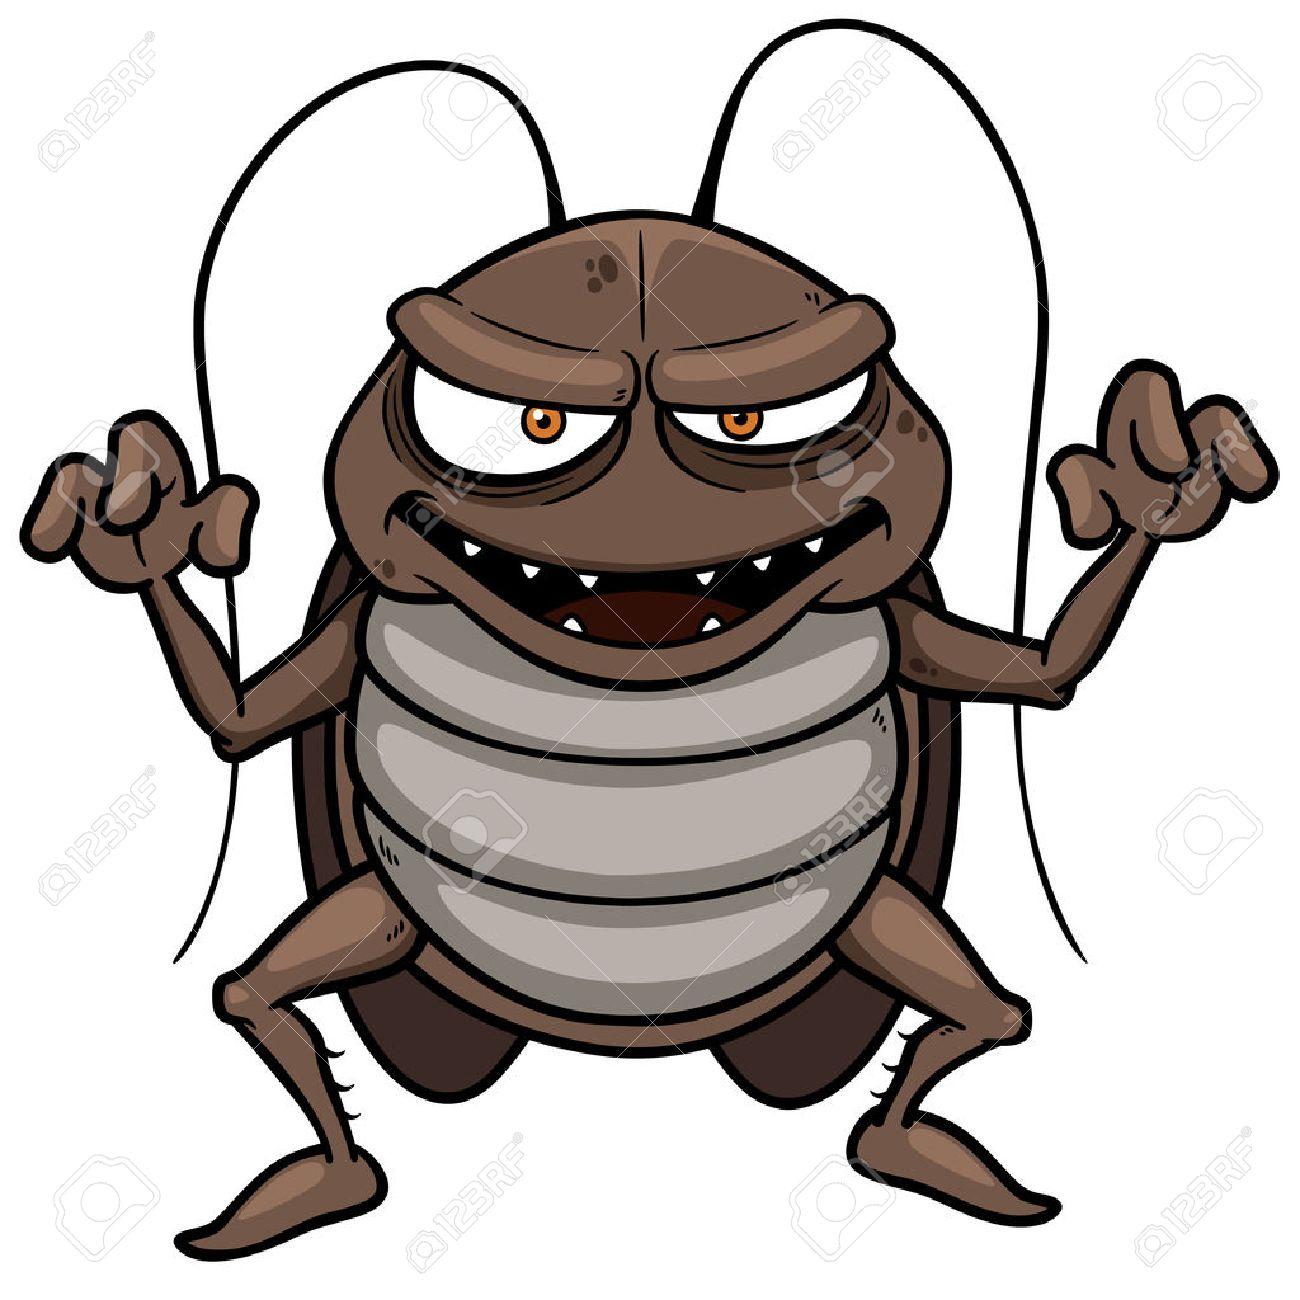 ゴキブリ 漫画